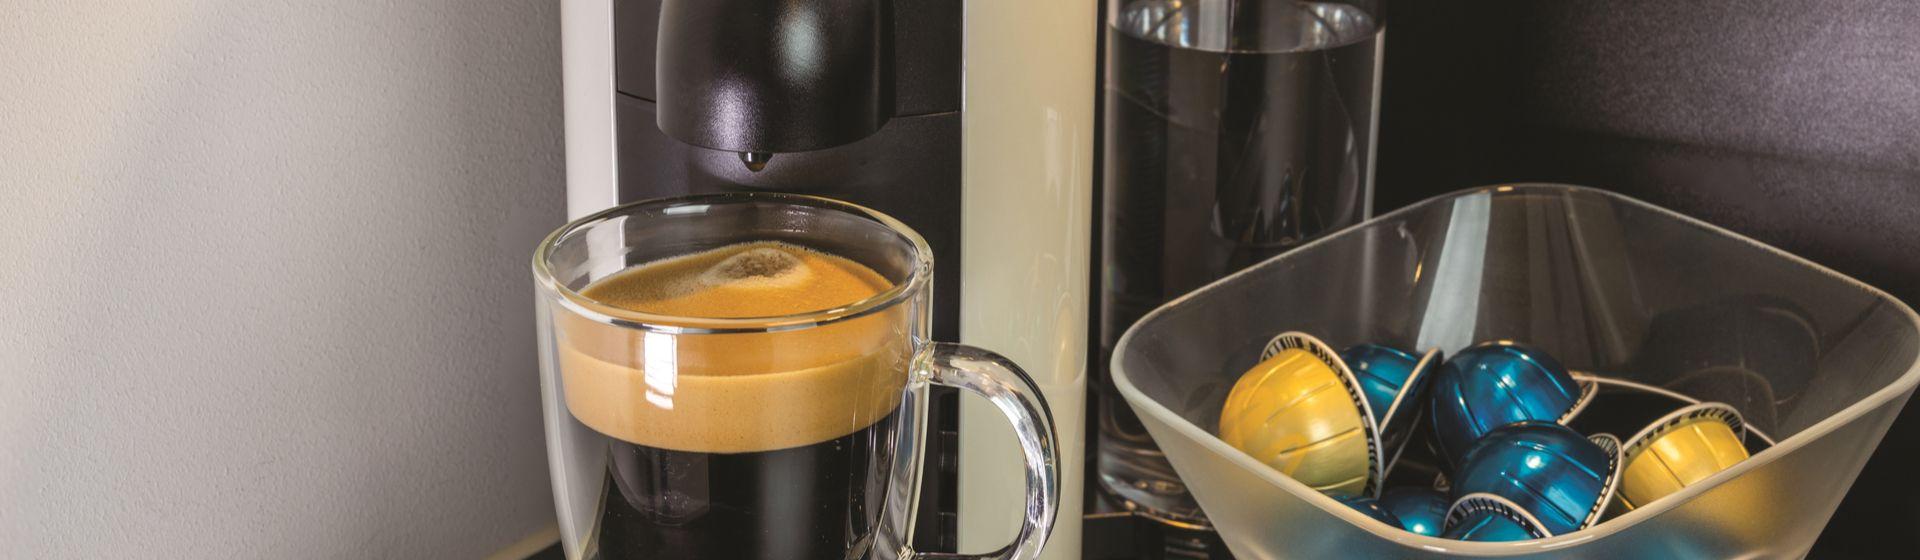 Black Friday 2021: veja as melhores cafeteiras elétricas para comprar